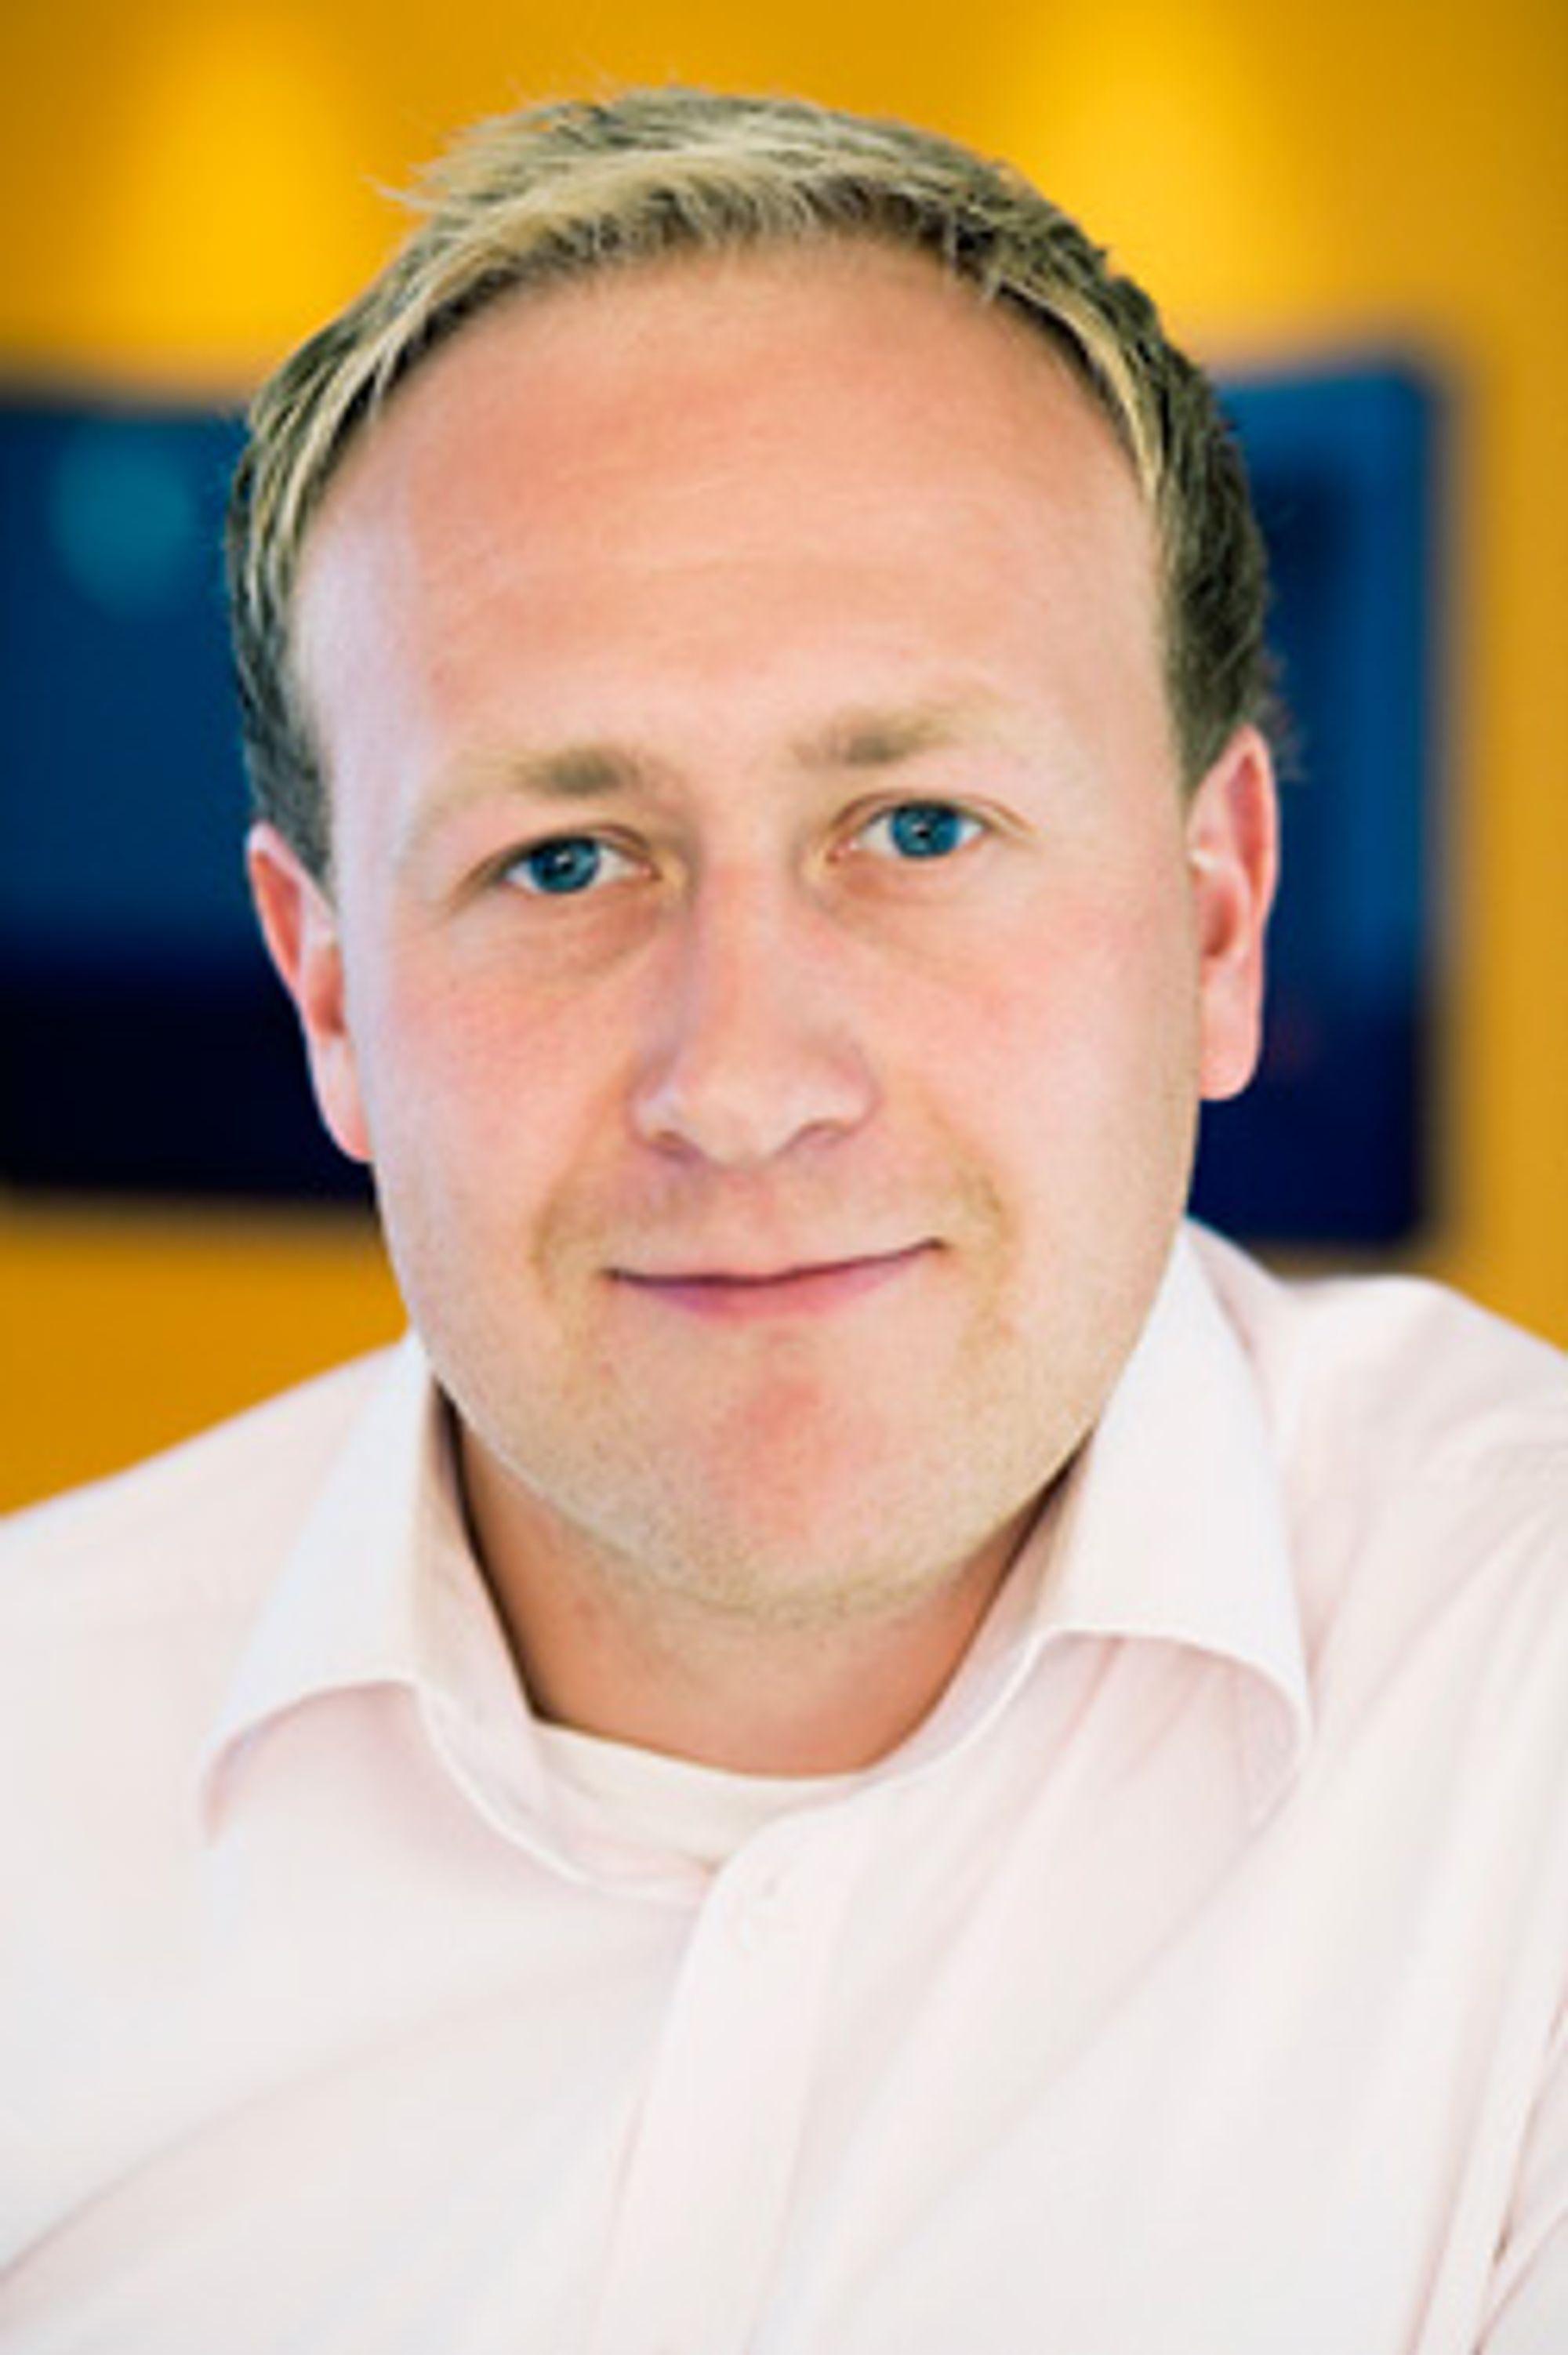 Øyvind Vederhus, kommunikasjonsrådgiver i Netcom, mener kameramobilen gir et mer oppdatert nyhetsbilde og enklere tilgang til informasjon.